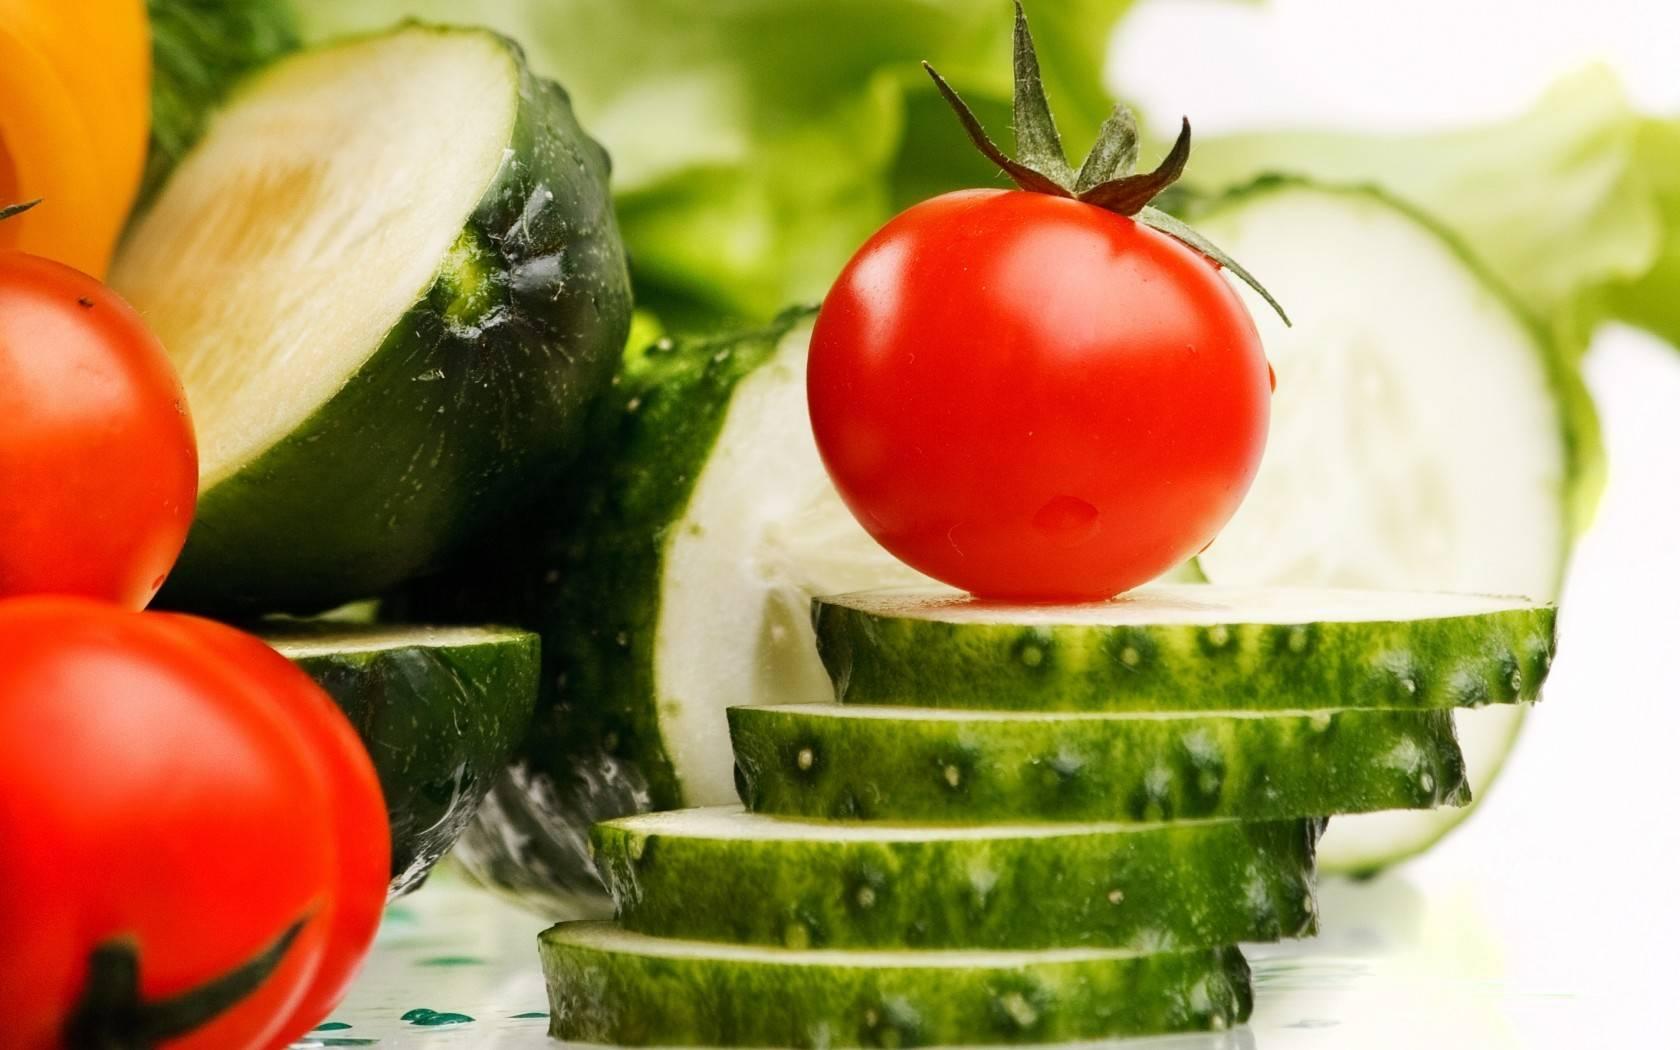 Помидор- это овощ или фрукт